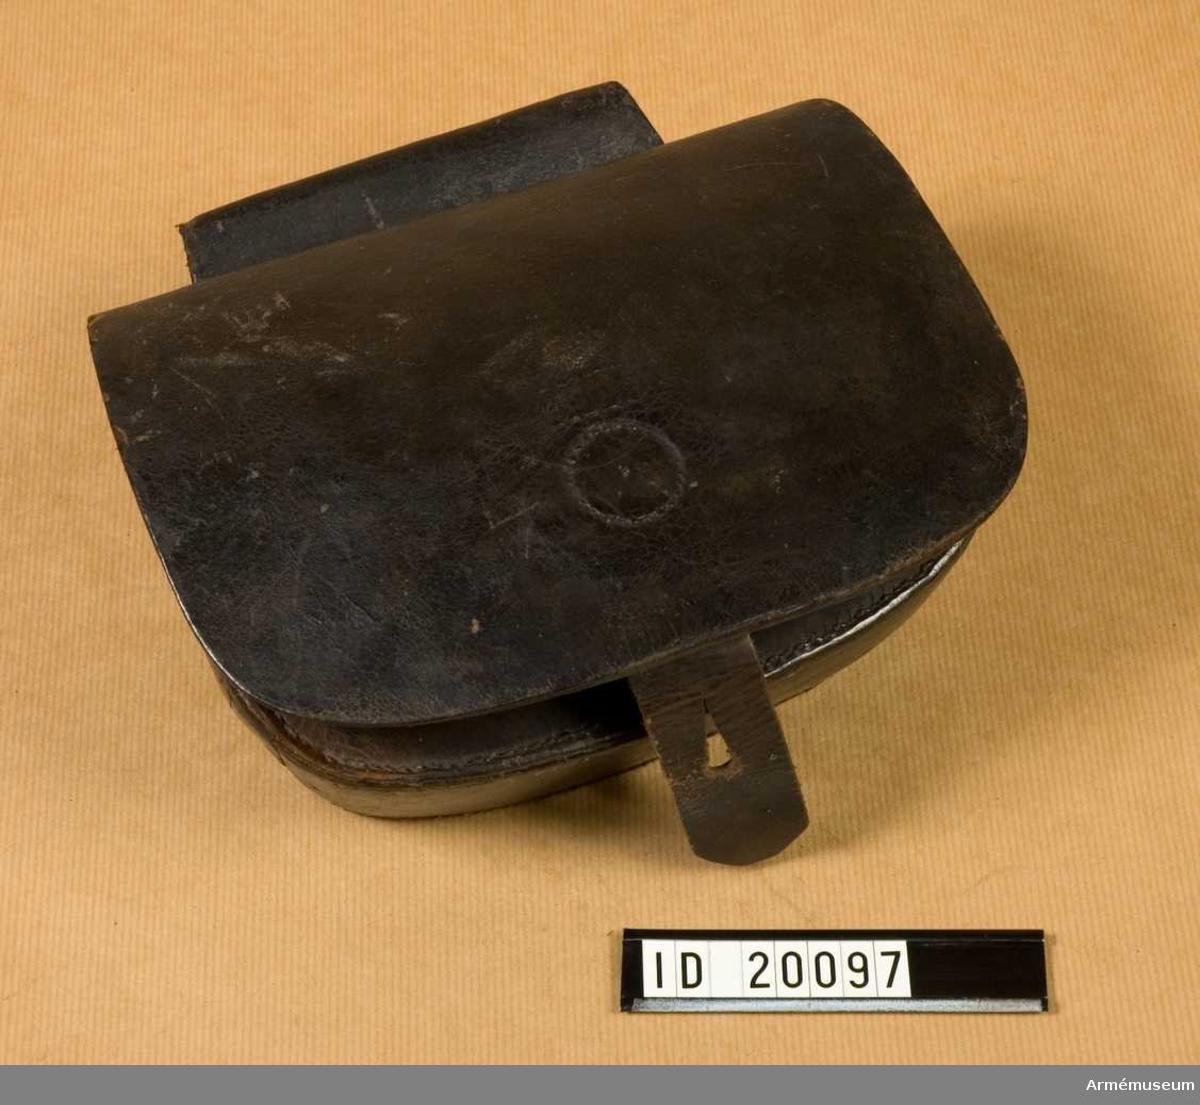 """Grupp C:II. Reparationsmodell  Av svartlackerat läder. """"Ink. på auktion vid Axevall af gifvaren"""". G. av major Carl Broman 24/10 1881. Pl.n. 122 F.w."""